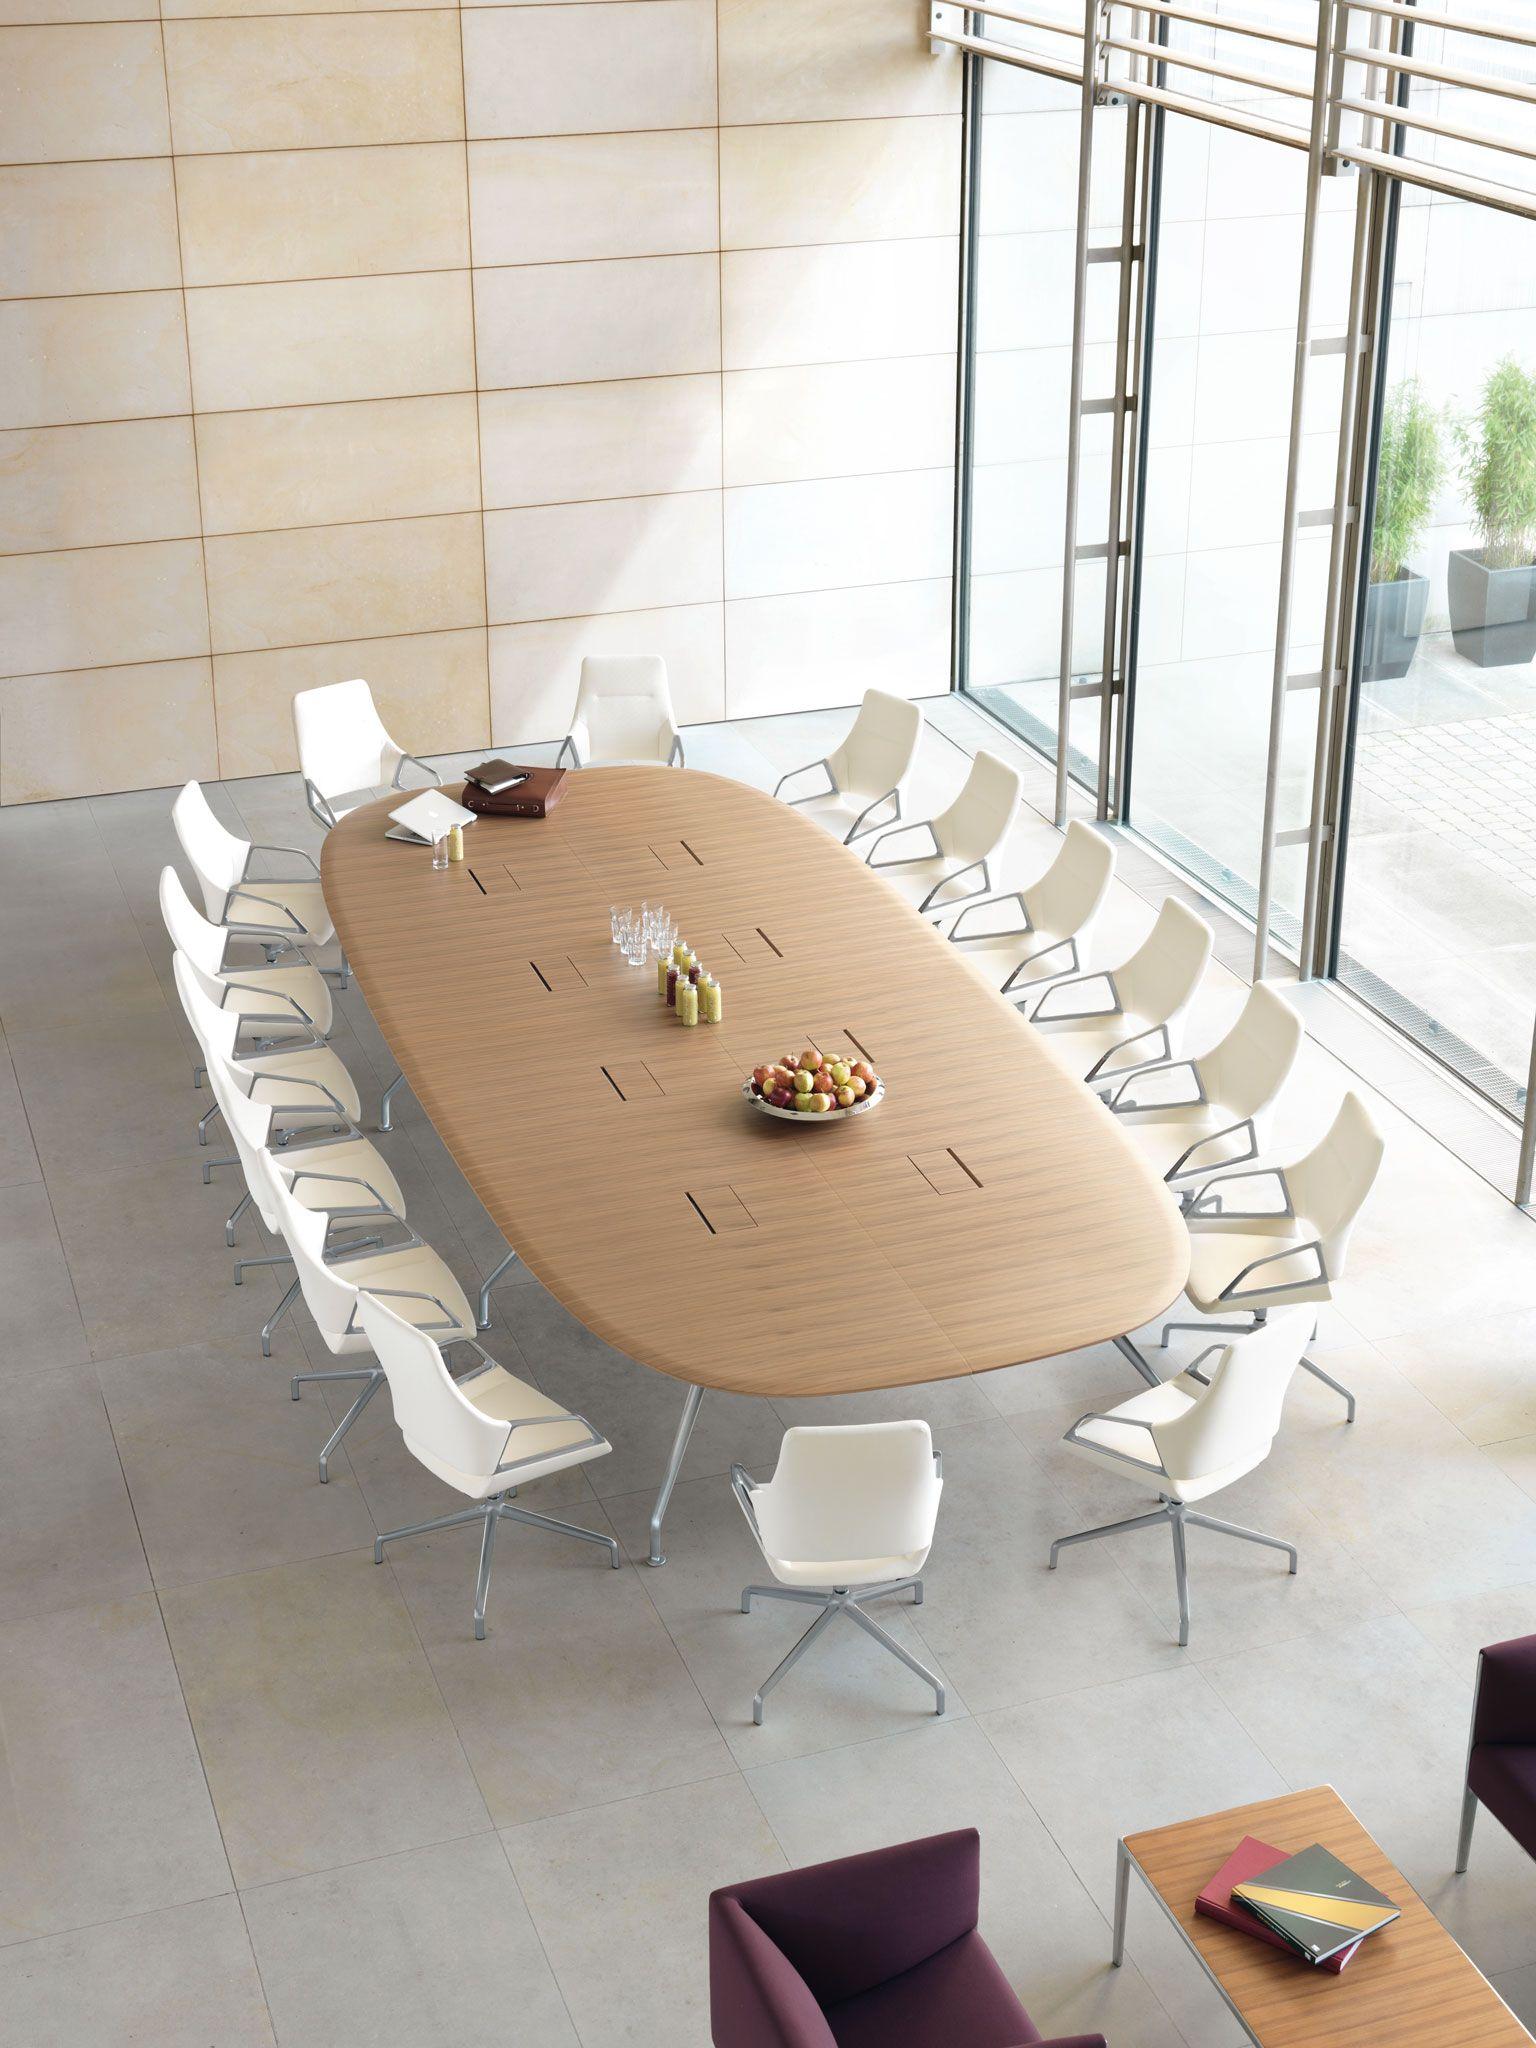 Wilkhahn - Graph Az új klasszikus Kiemelkedő minőségű és formatervezésű asztalok és székek tökéletes összhangban Design: Markus Jehs, Jürgen Laub Nézze meg személyesen és próbálja ki bemutatótermünkben! Europa Design, 1022 Budapest, Bimbó út 37.